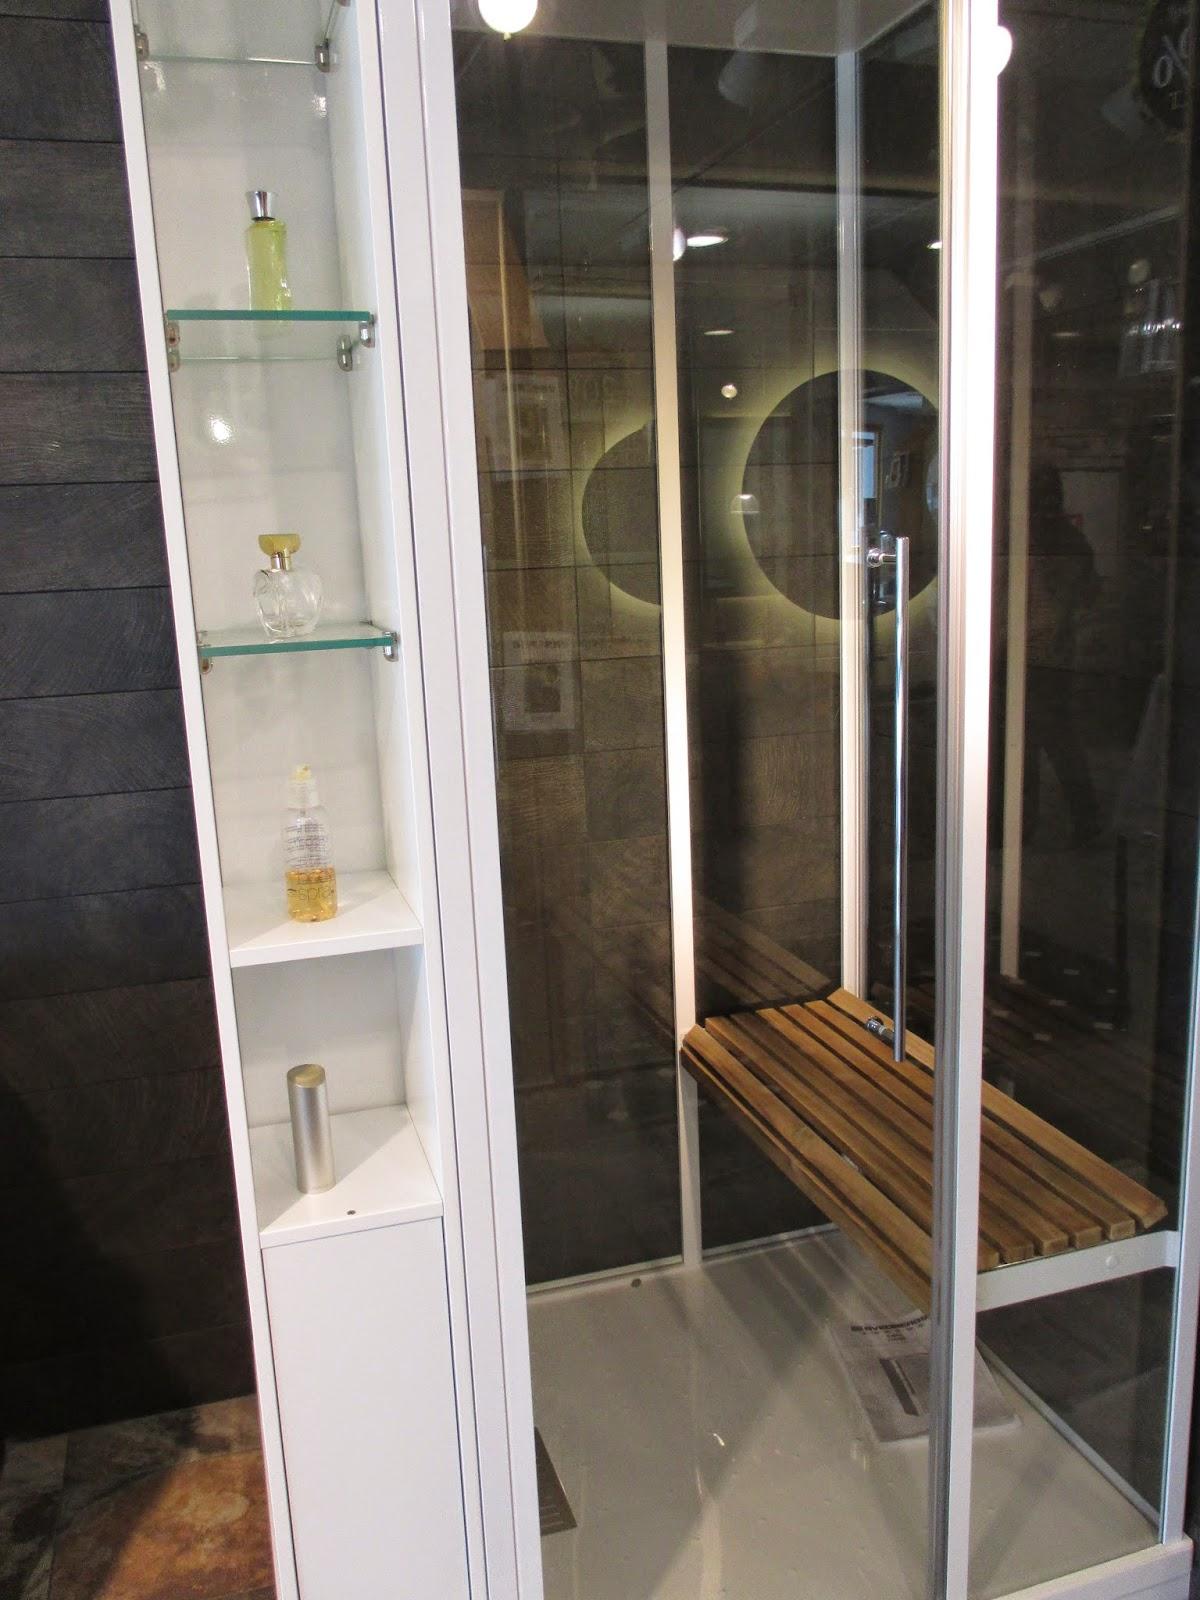 Toallas para muebles obtenga ideas dise o de muebles - Mueble para toallas ...